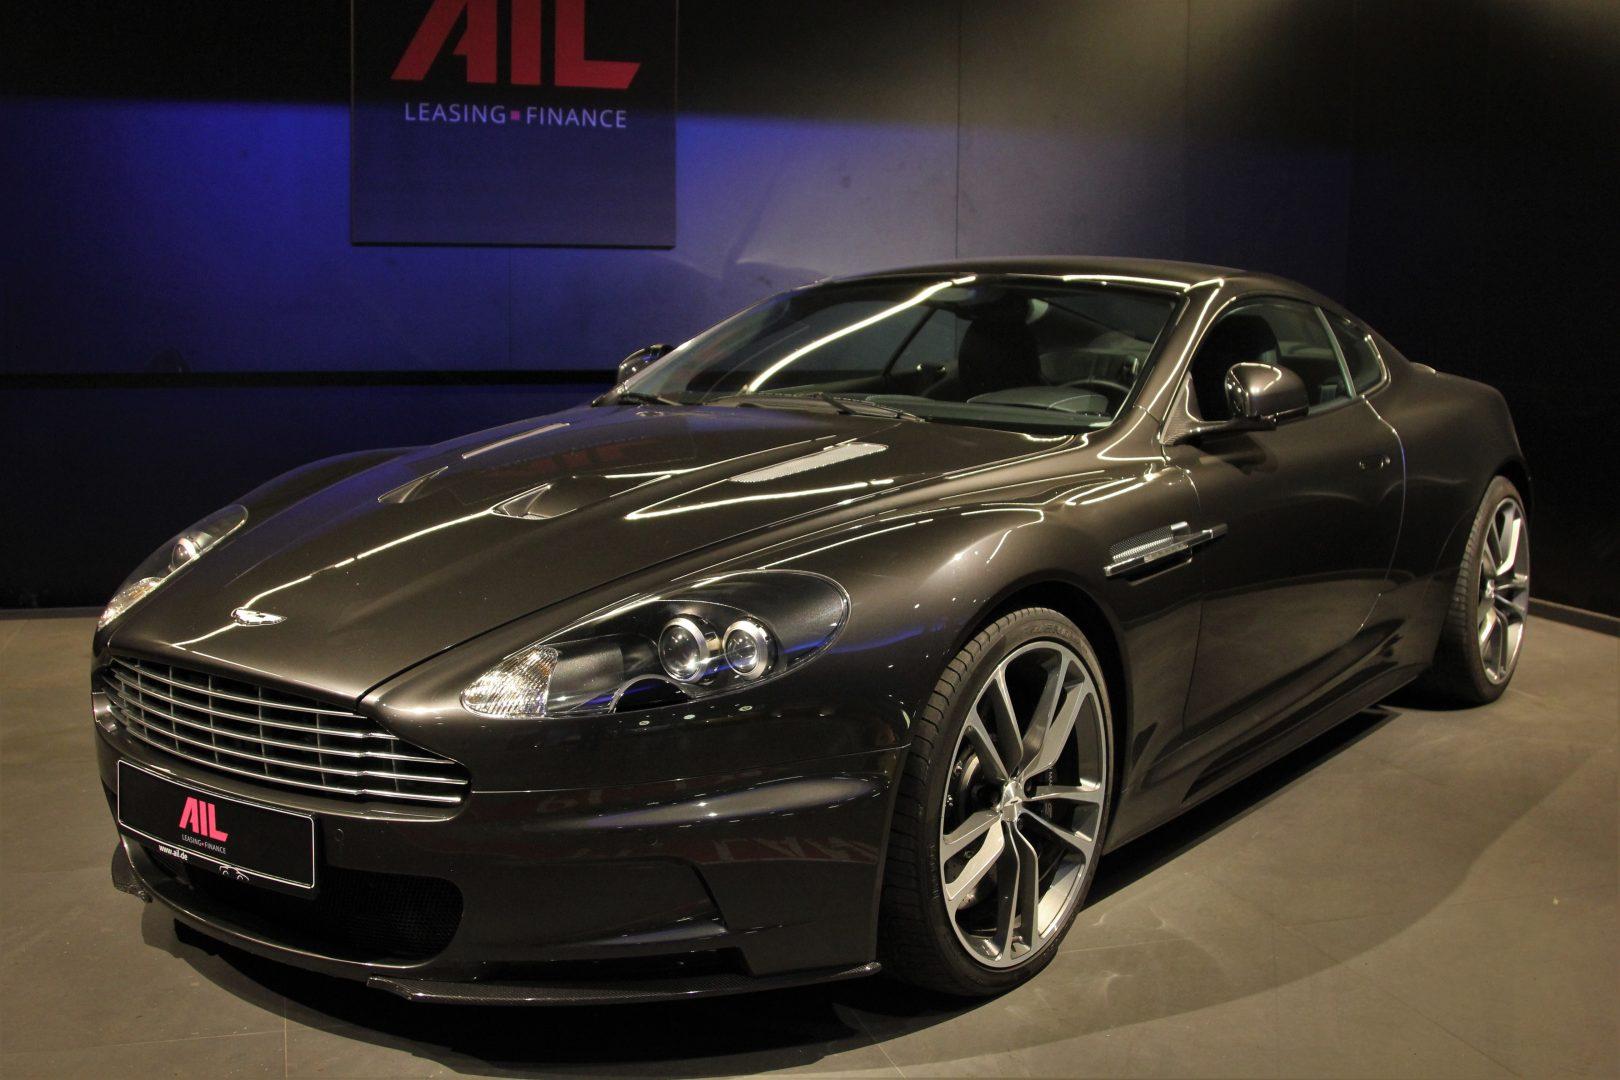 AIL Aston Martin DBS  15